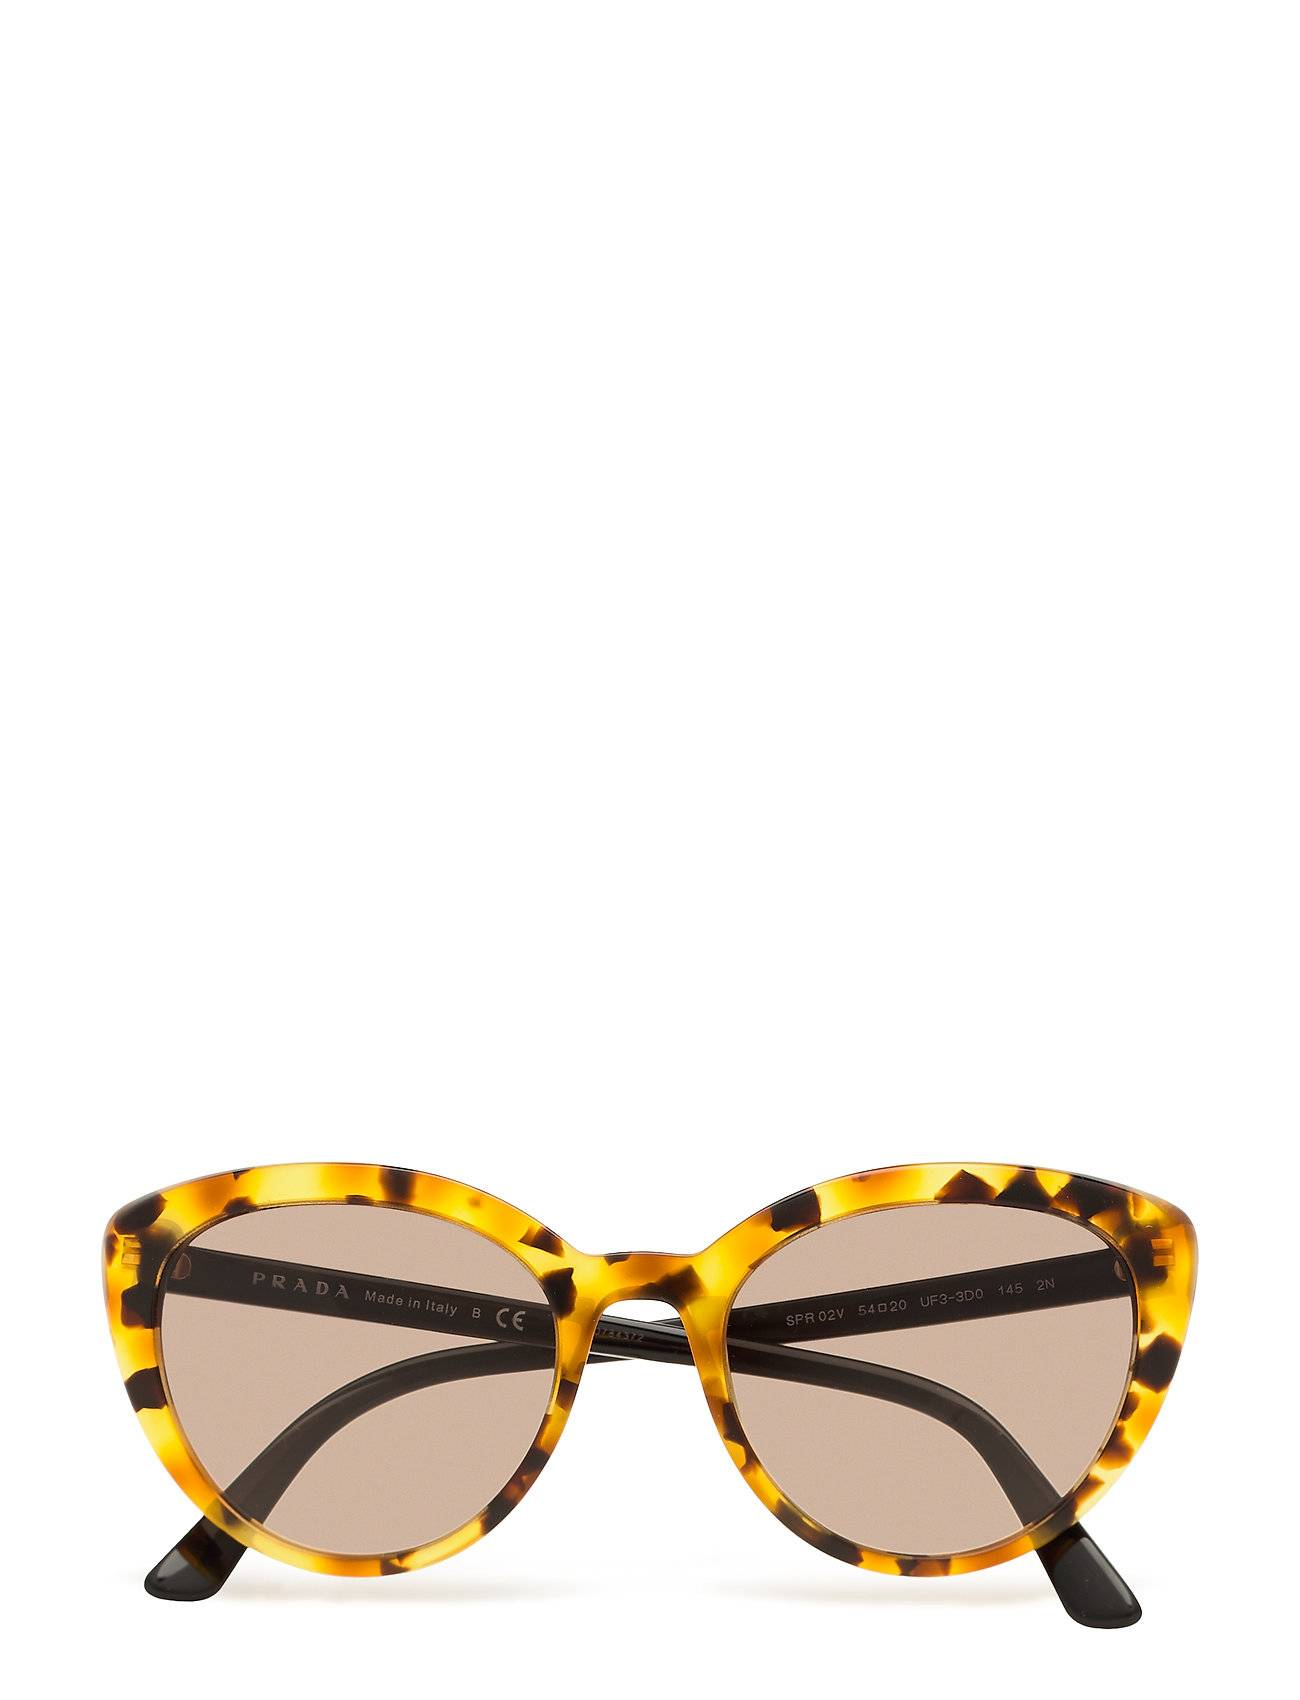 Image of Prada Sunglasses Aurinkolasit Ruskea